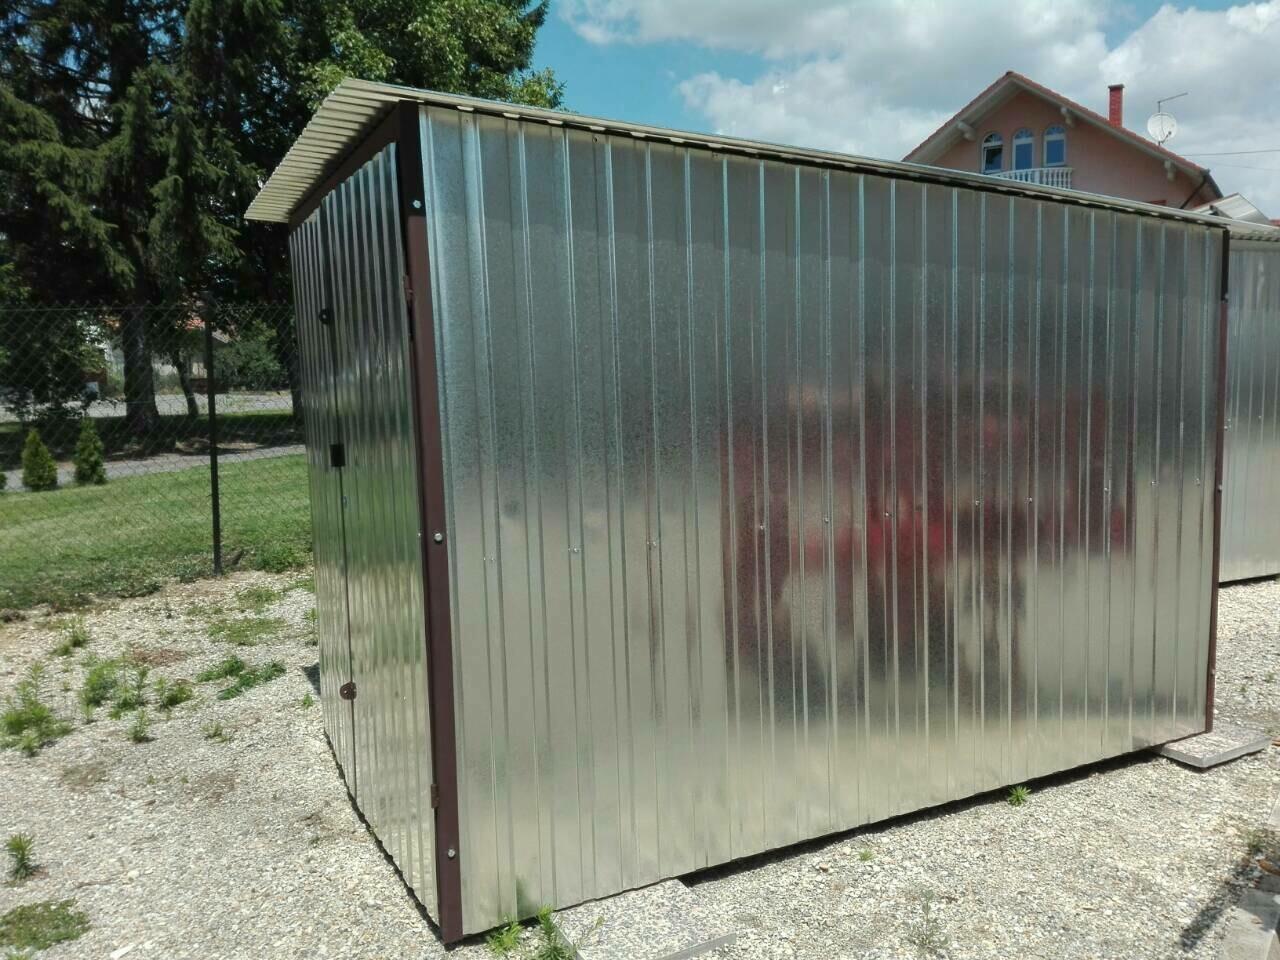 Metallhaus - LAGERUNG 2 × 3 m - Eigenproduktion